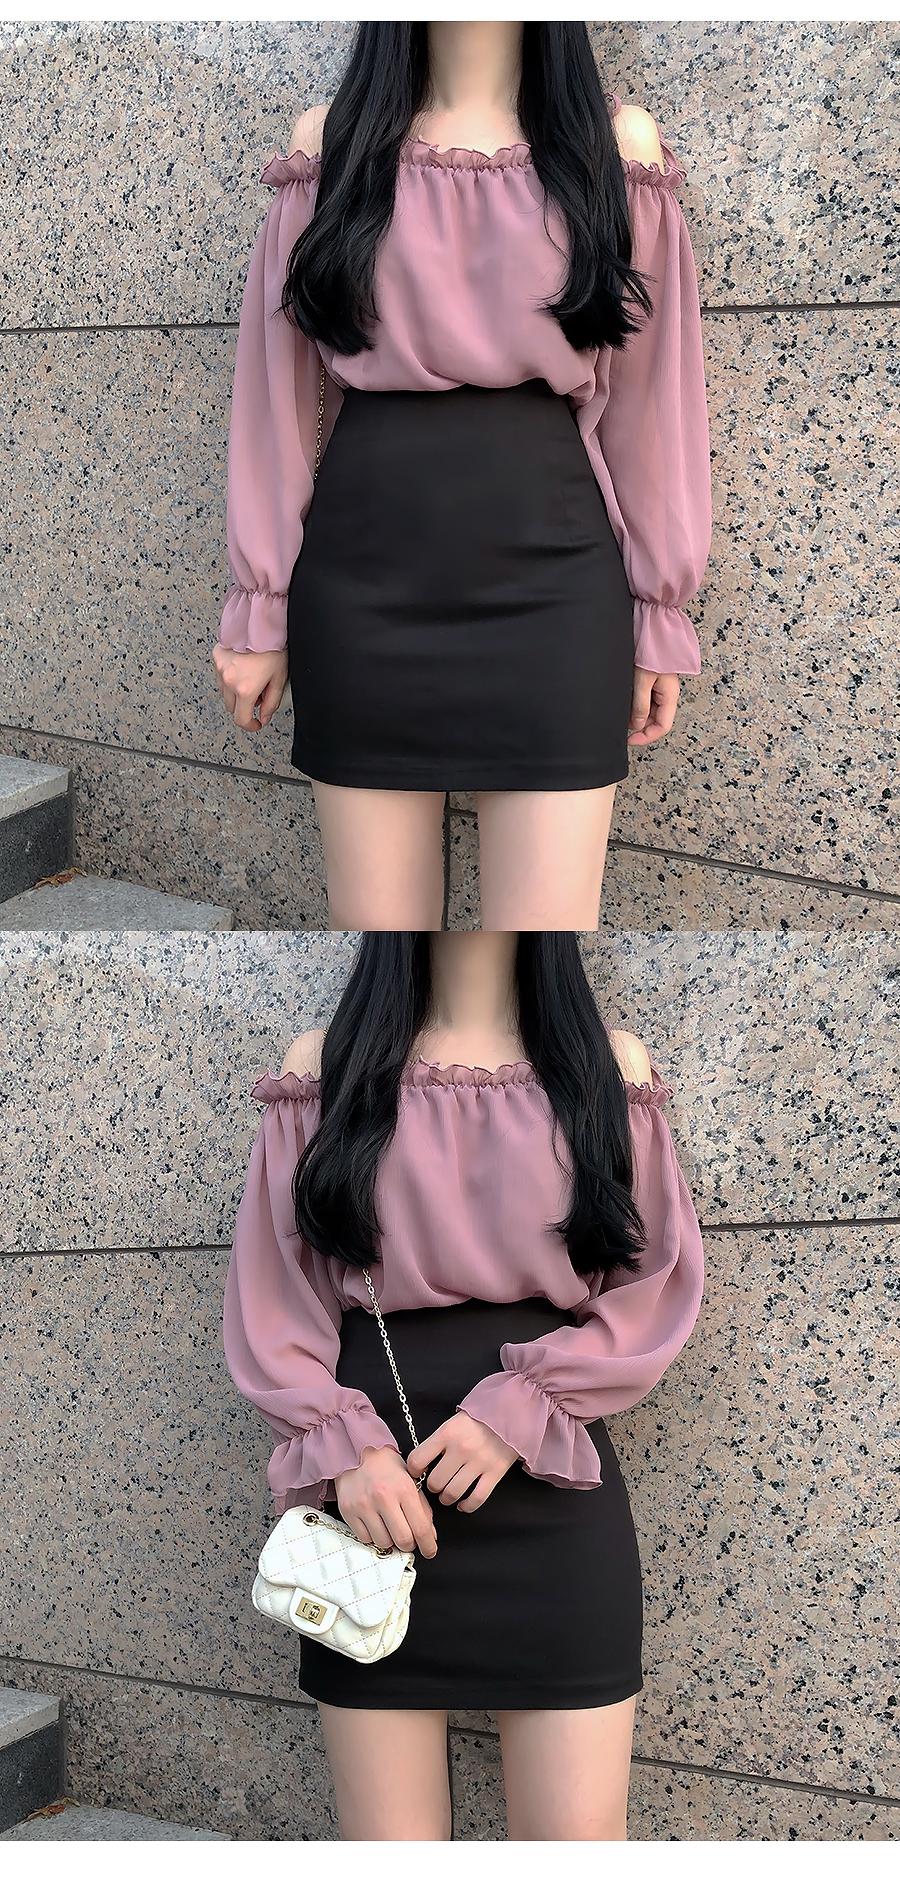 Self-made ♥ Shoulder width blouse